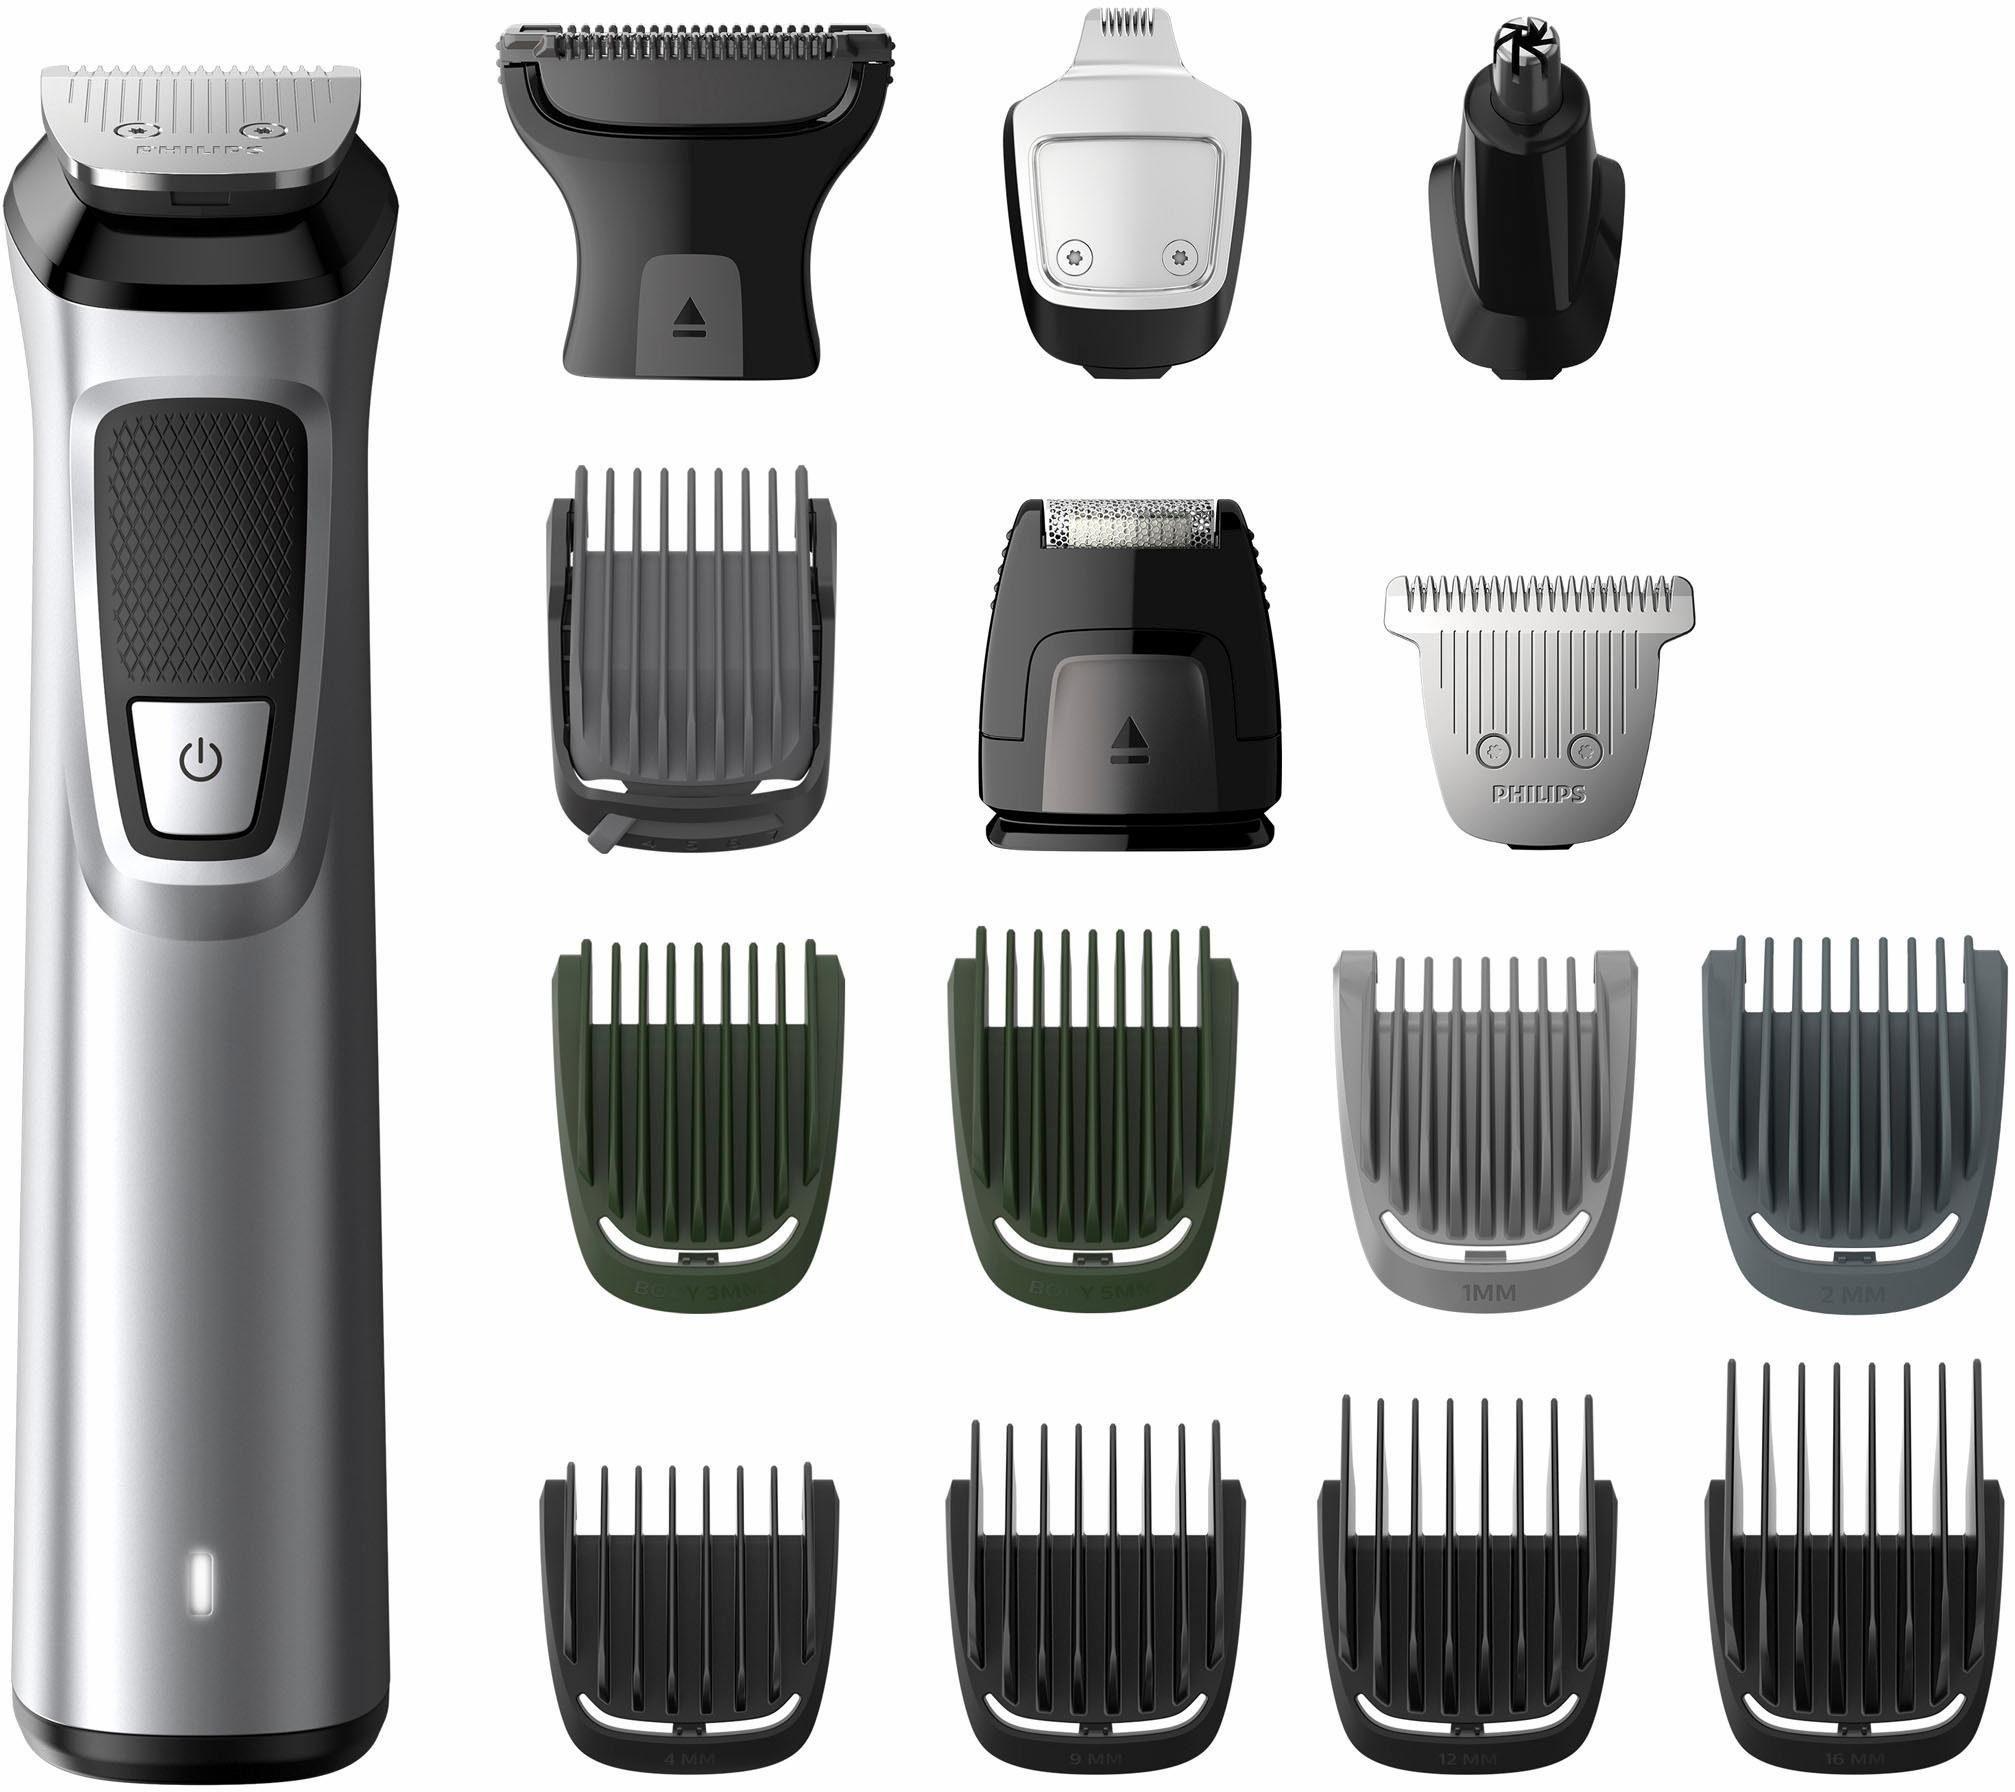 Philips Bart- und Haarschneider Set MG7730/15, Multigroom Series 7000 mit 16 hochwärtigen Aufsätzen